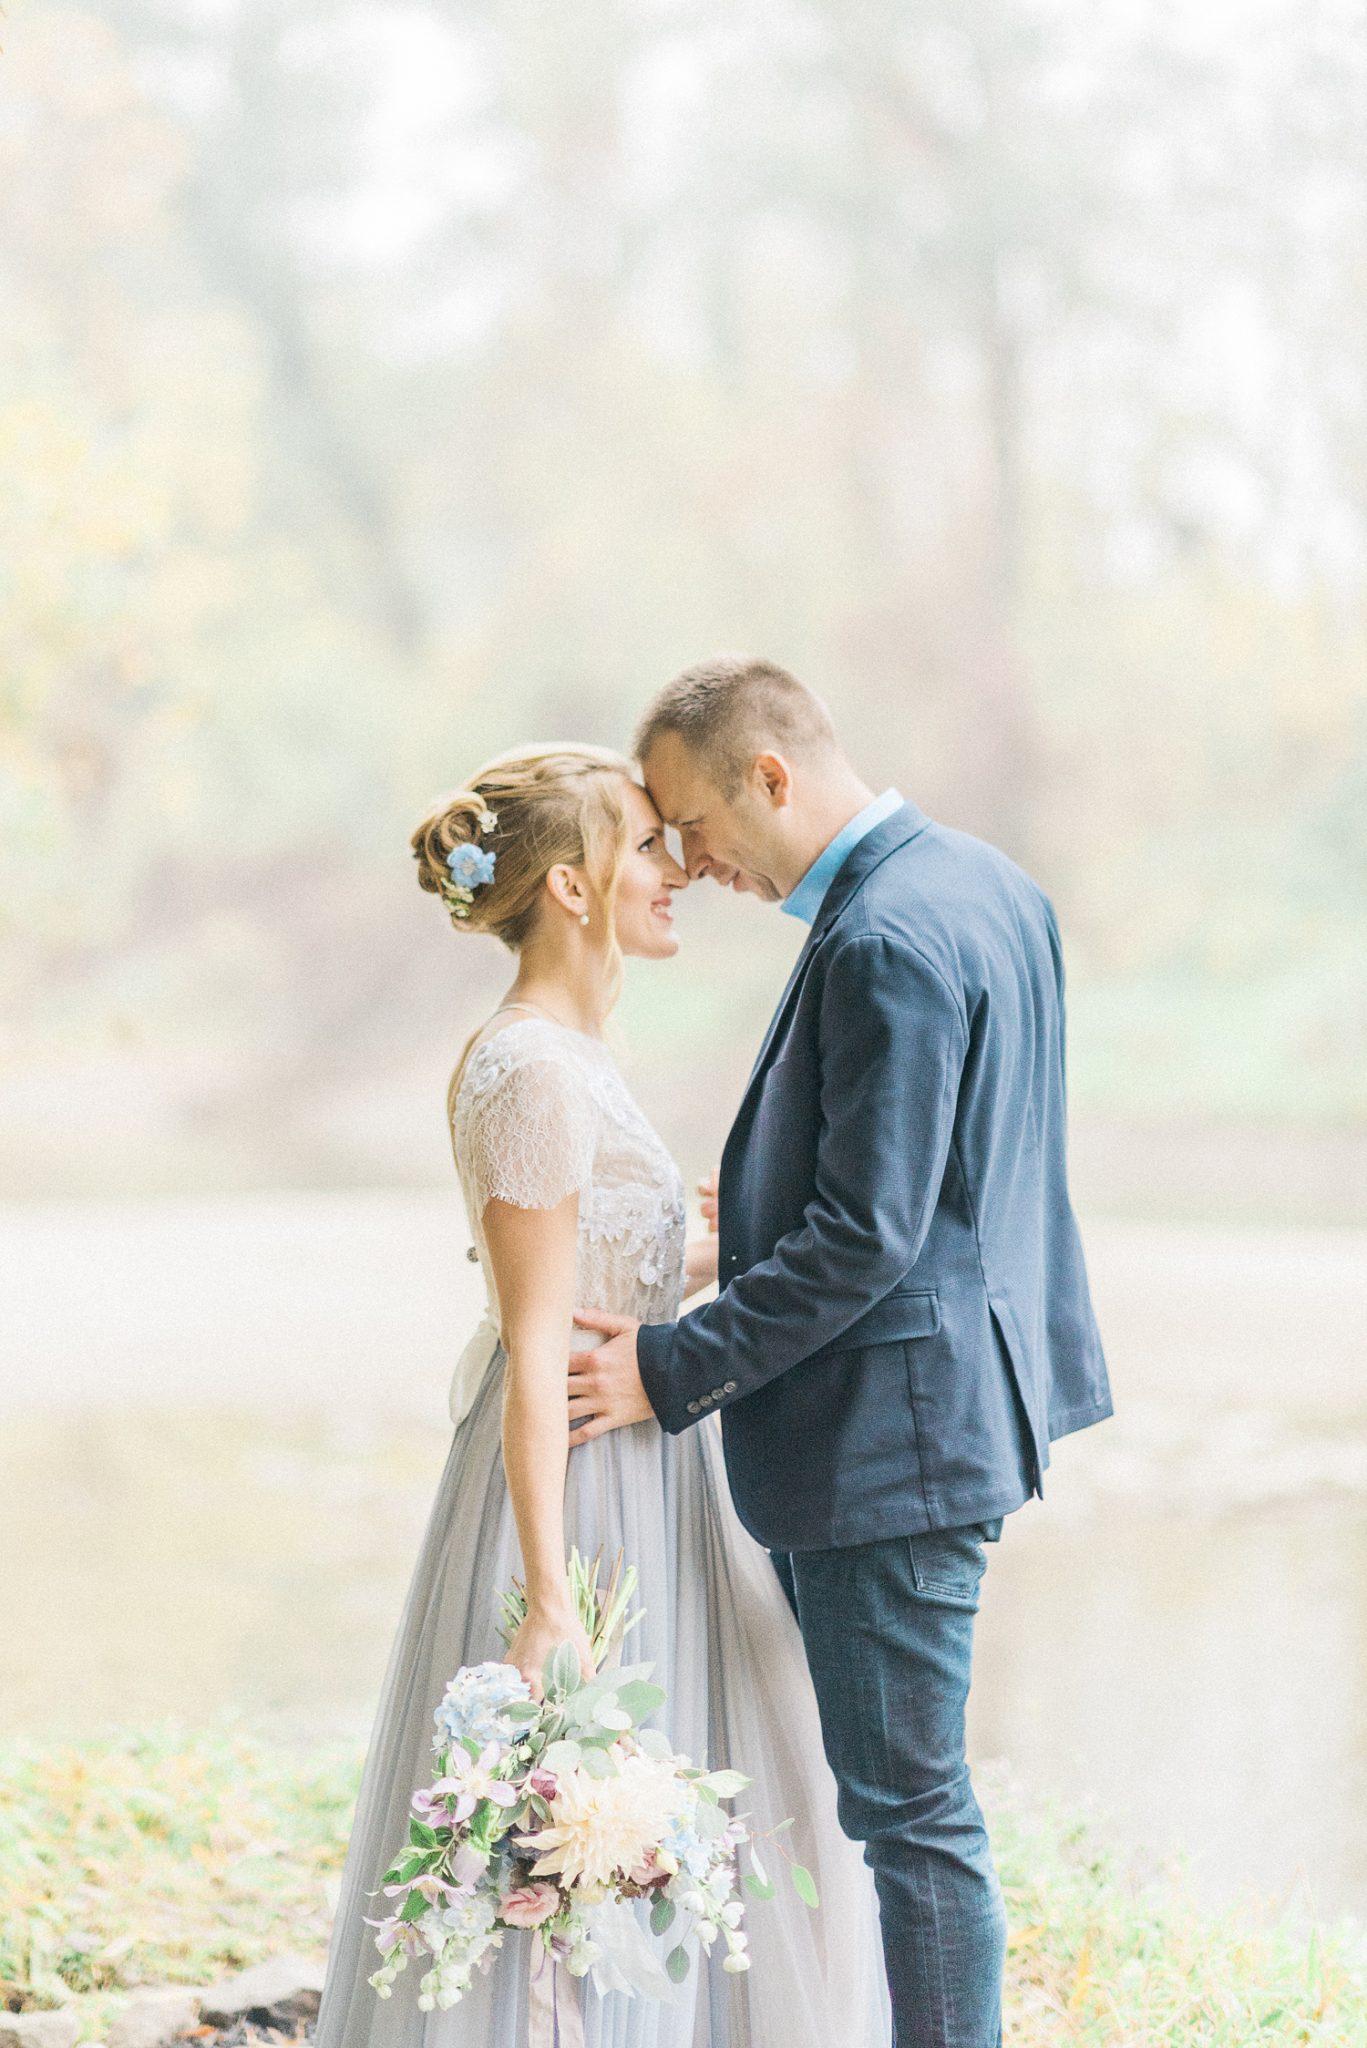 Neformální svatba s krásnými šaty Rara Avis, fotografie Gabriela Jarkovská, svatební blog Originální Svatba